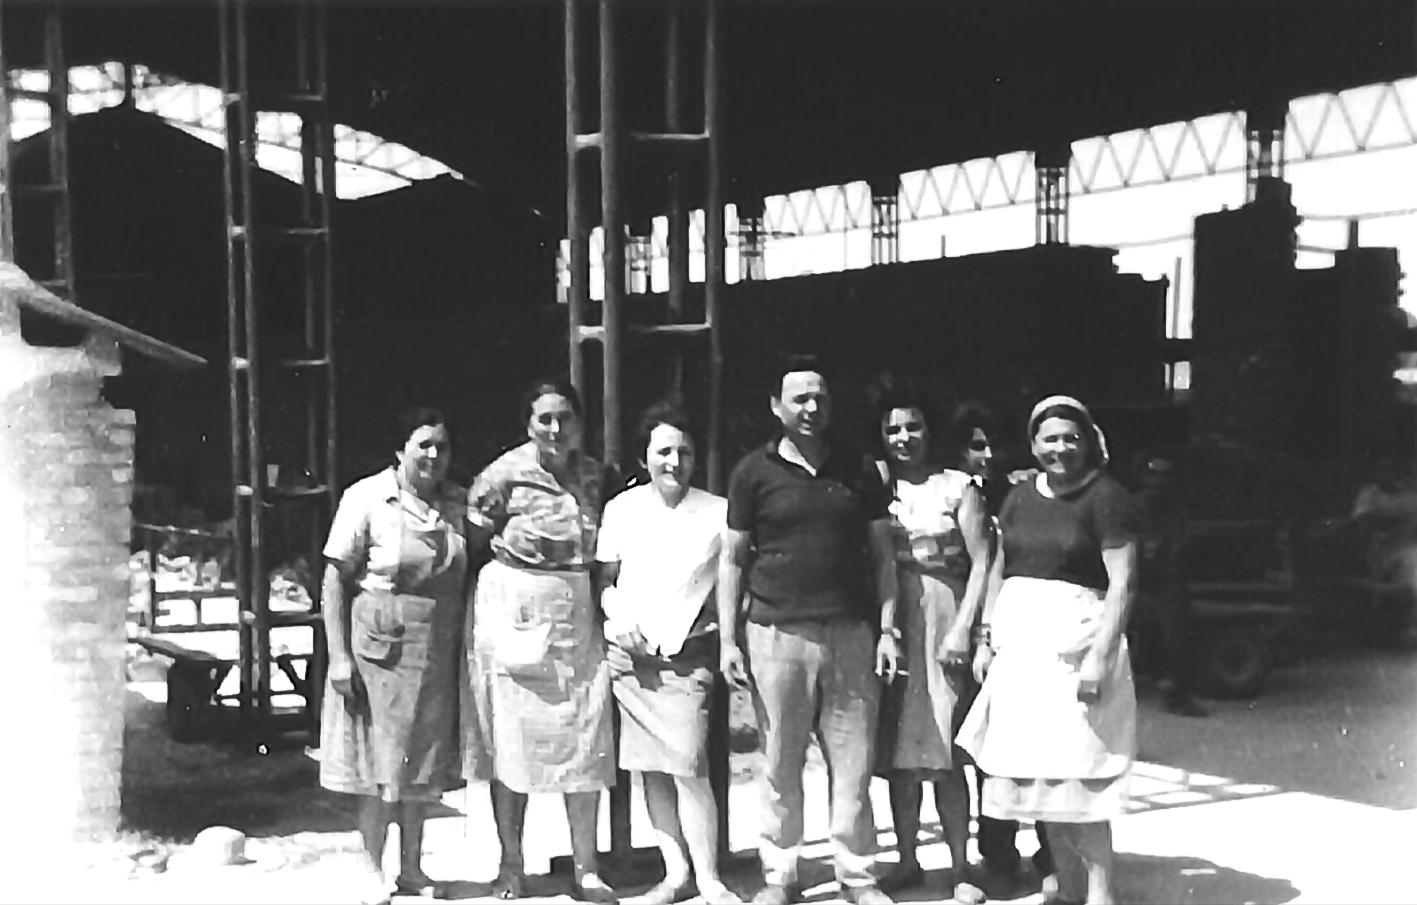 La fornace S.E.F. (Società Esercizio Fornaci)